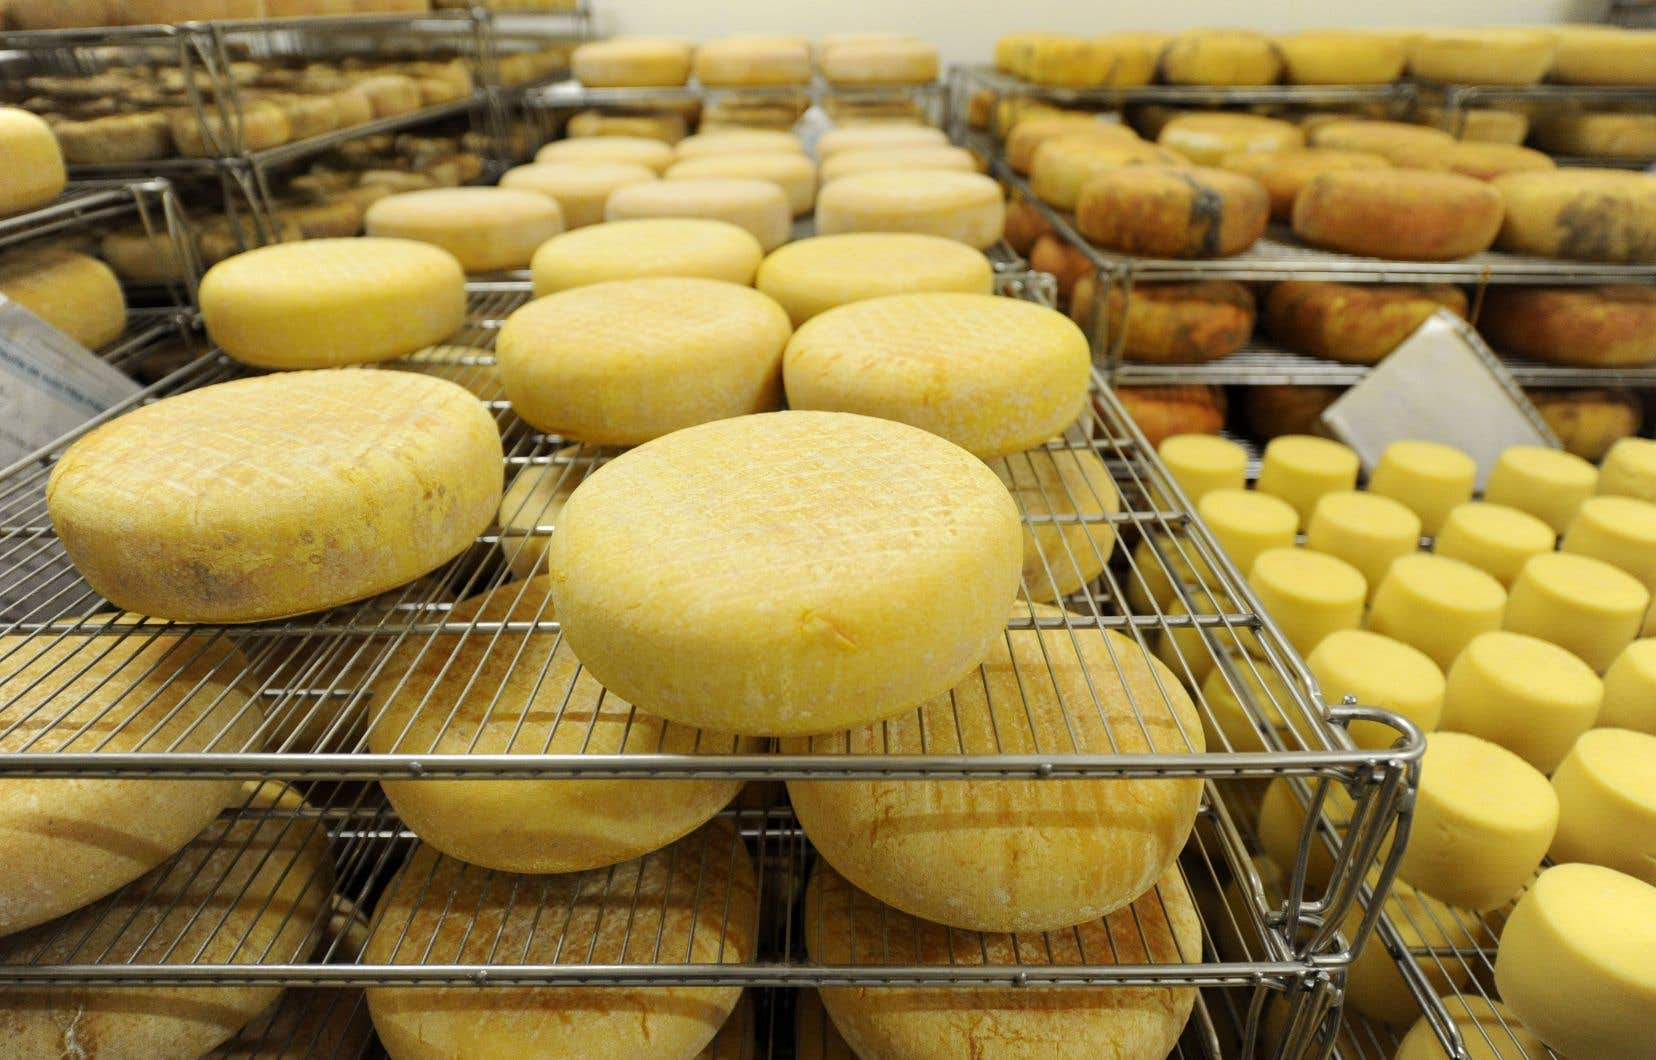 La hausse des importations de fromage en provenance d'Europe était l'un des points litigieux de l'Accord économique et commercial global entre le Canada et l'Union européenne, entré en vigueur le 21septembre 2017.